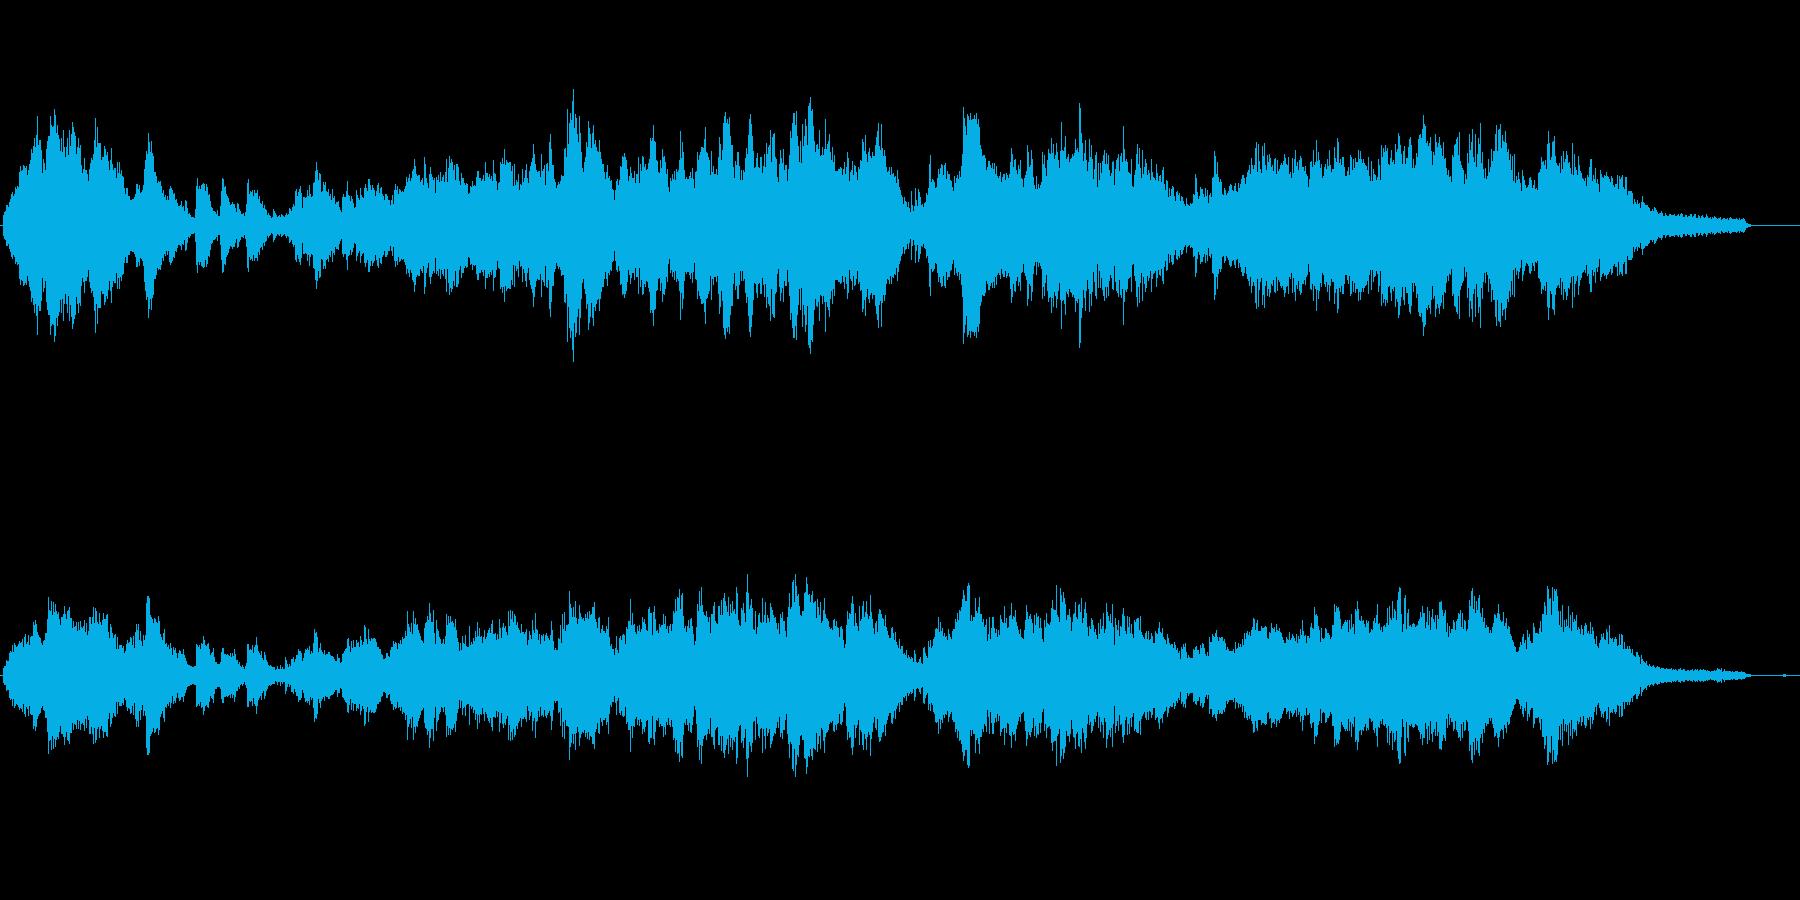 高速ピアノ曲、キラキラ輝くイメージの再生済みの波形